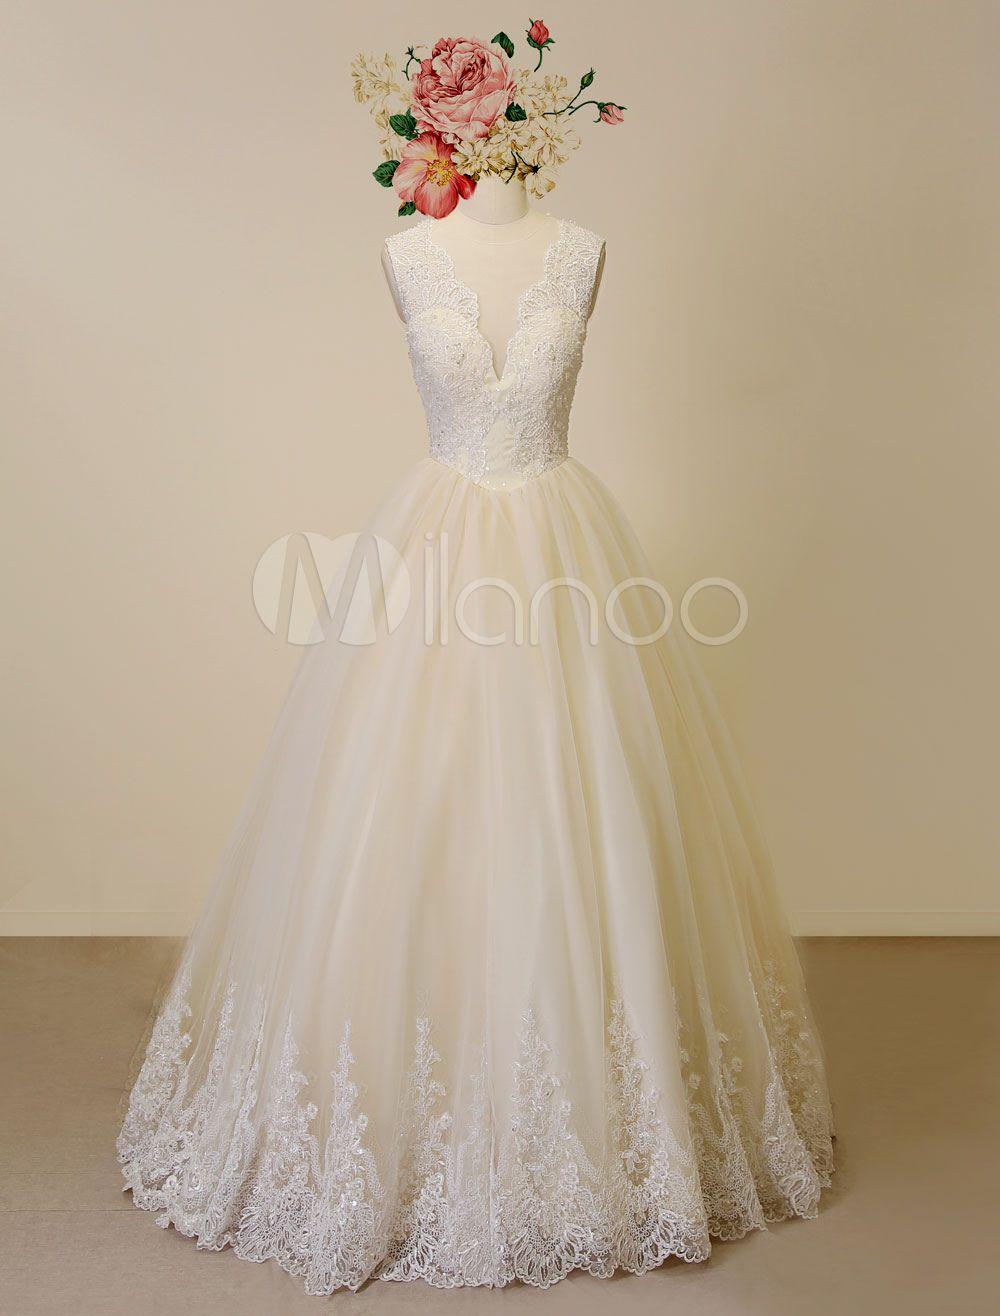 Champagner Hochzeitskleid Spitze Applique Tüll Brautkleid ...